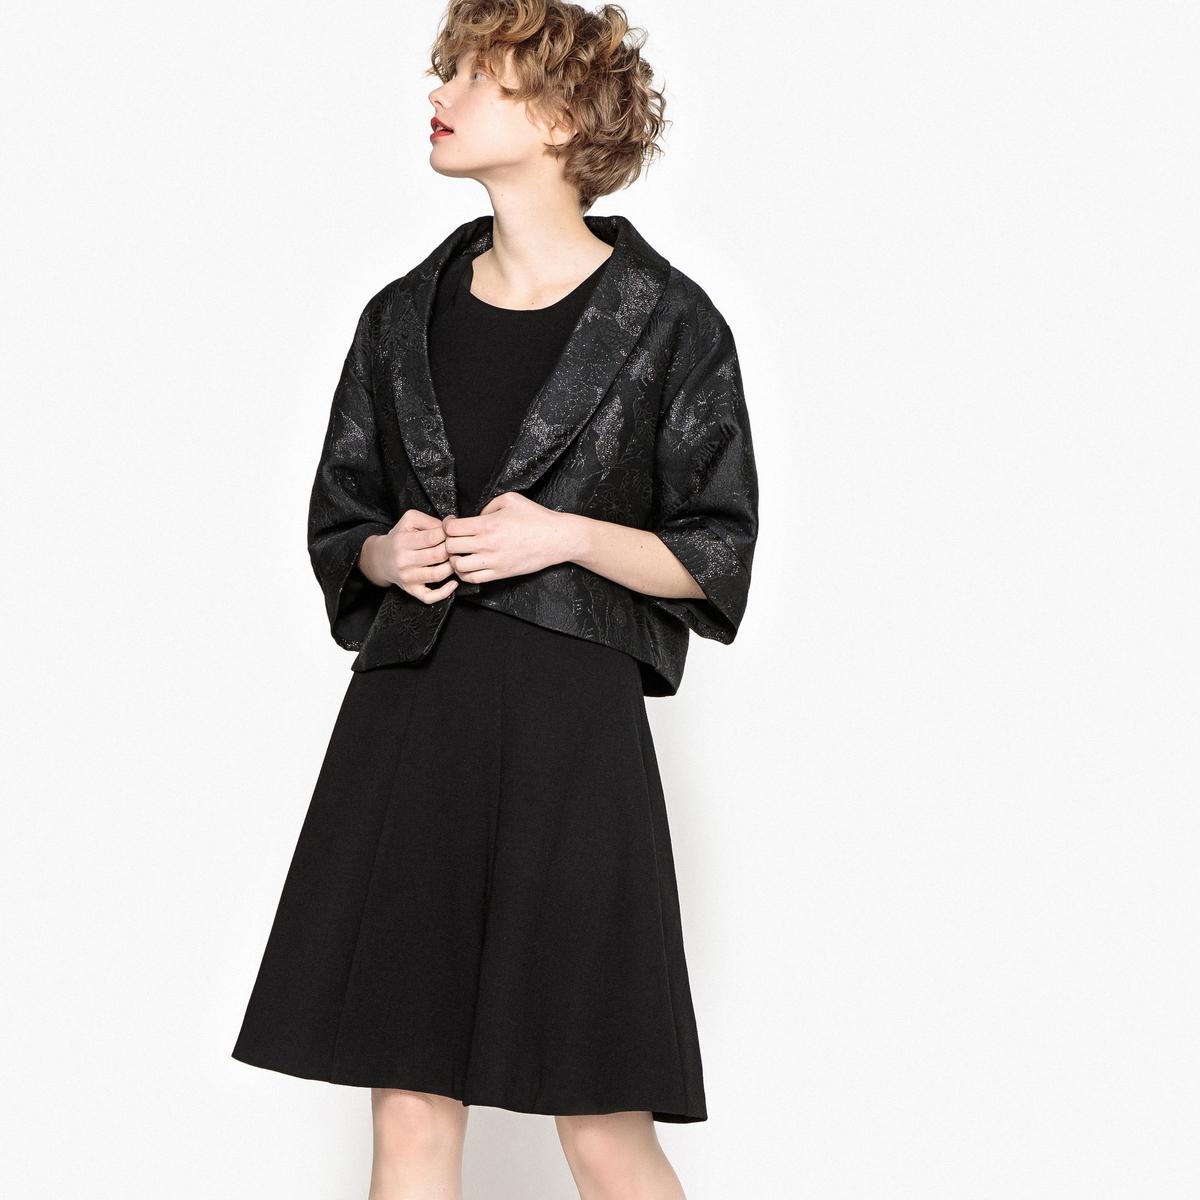 Жакет короткий в форме кимоно из жаккардовой ткани